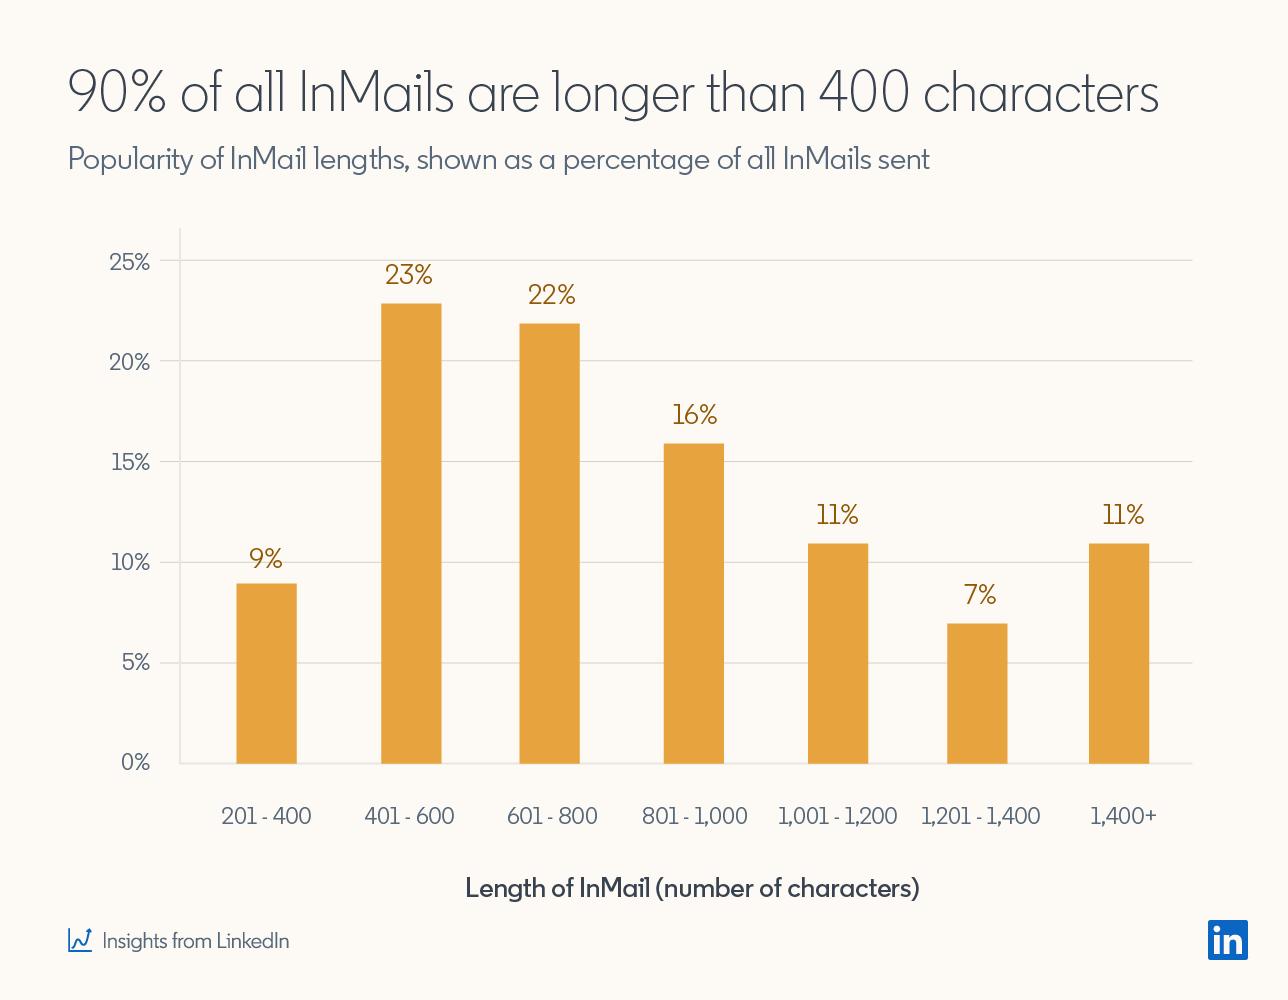 90% всех сообщений InMails длиннее 400 символов. Популярность длины сообщений InMail, показываемая как процент от всех отправленных сообщений InMail 201-400: 9% 401-600: 23% 601-800: 22% 801-1000: 16% 1001-1200 : 11% 1201-1400: 7% 1400+: 11%